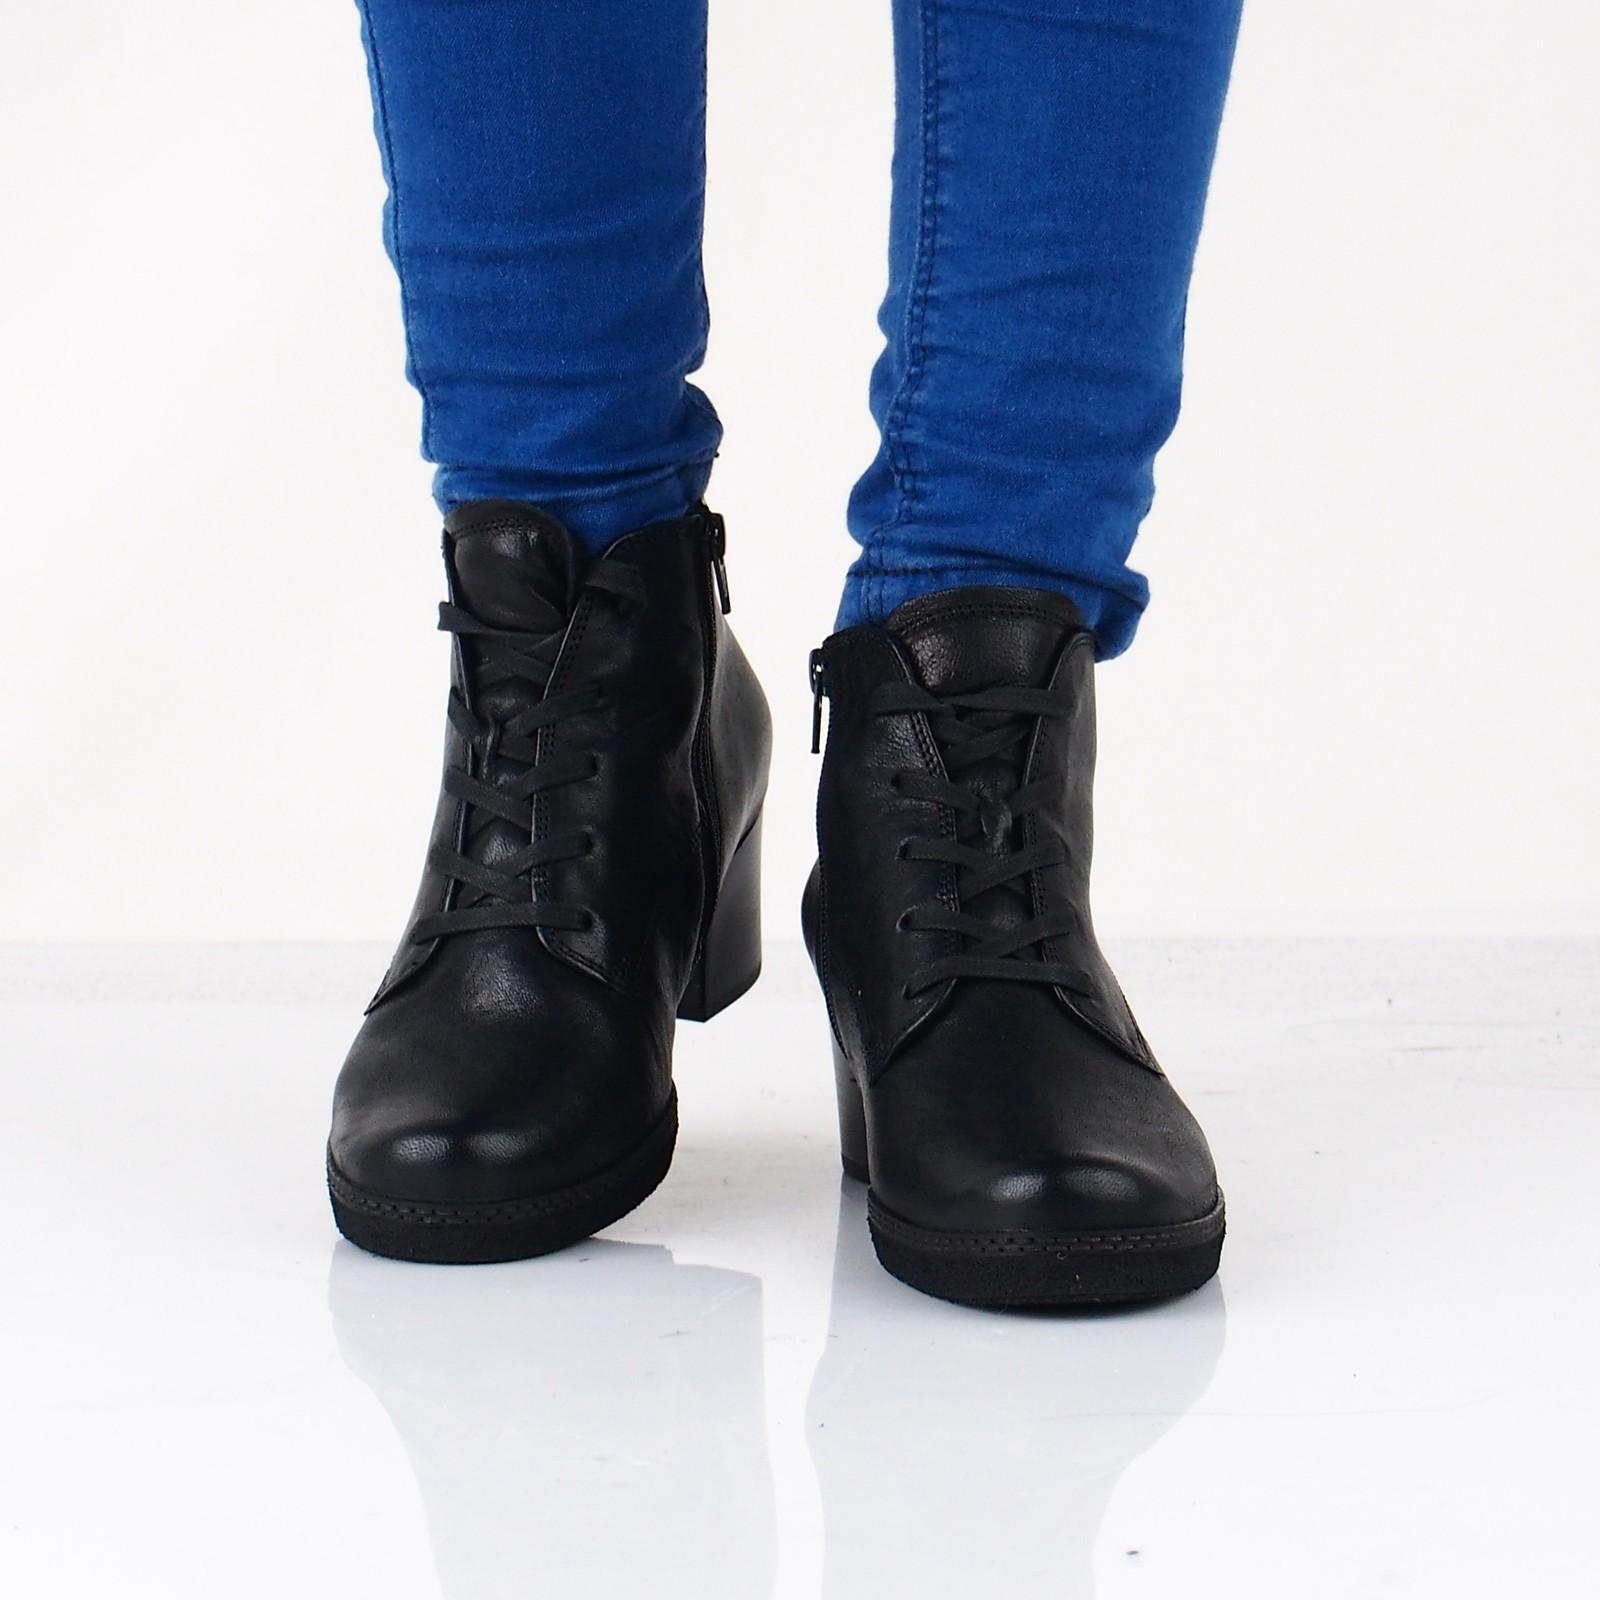 1d01bbf4c18 ... Gabor dámské kožené kotníkové boty - černé ...